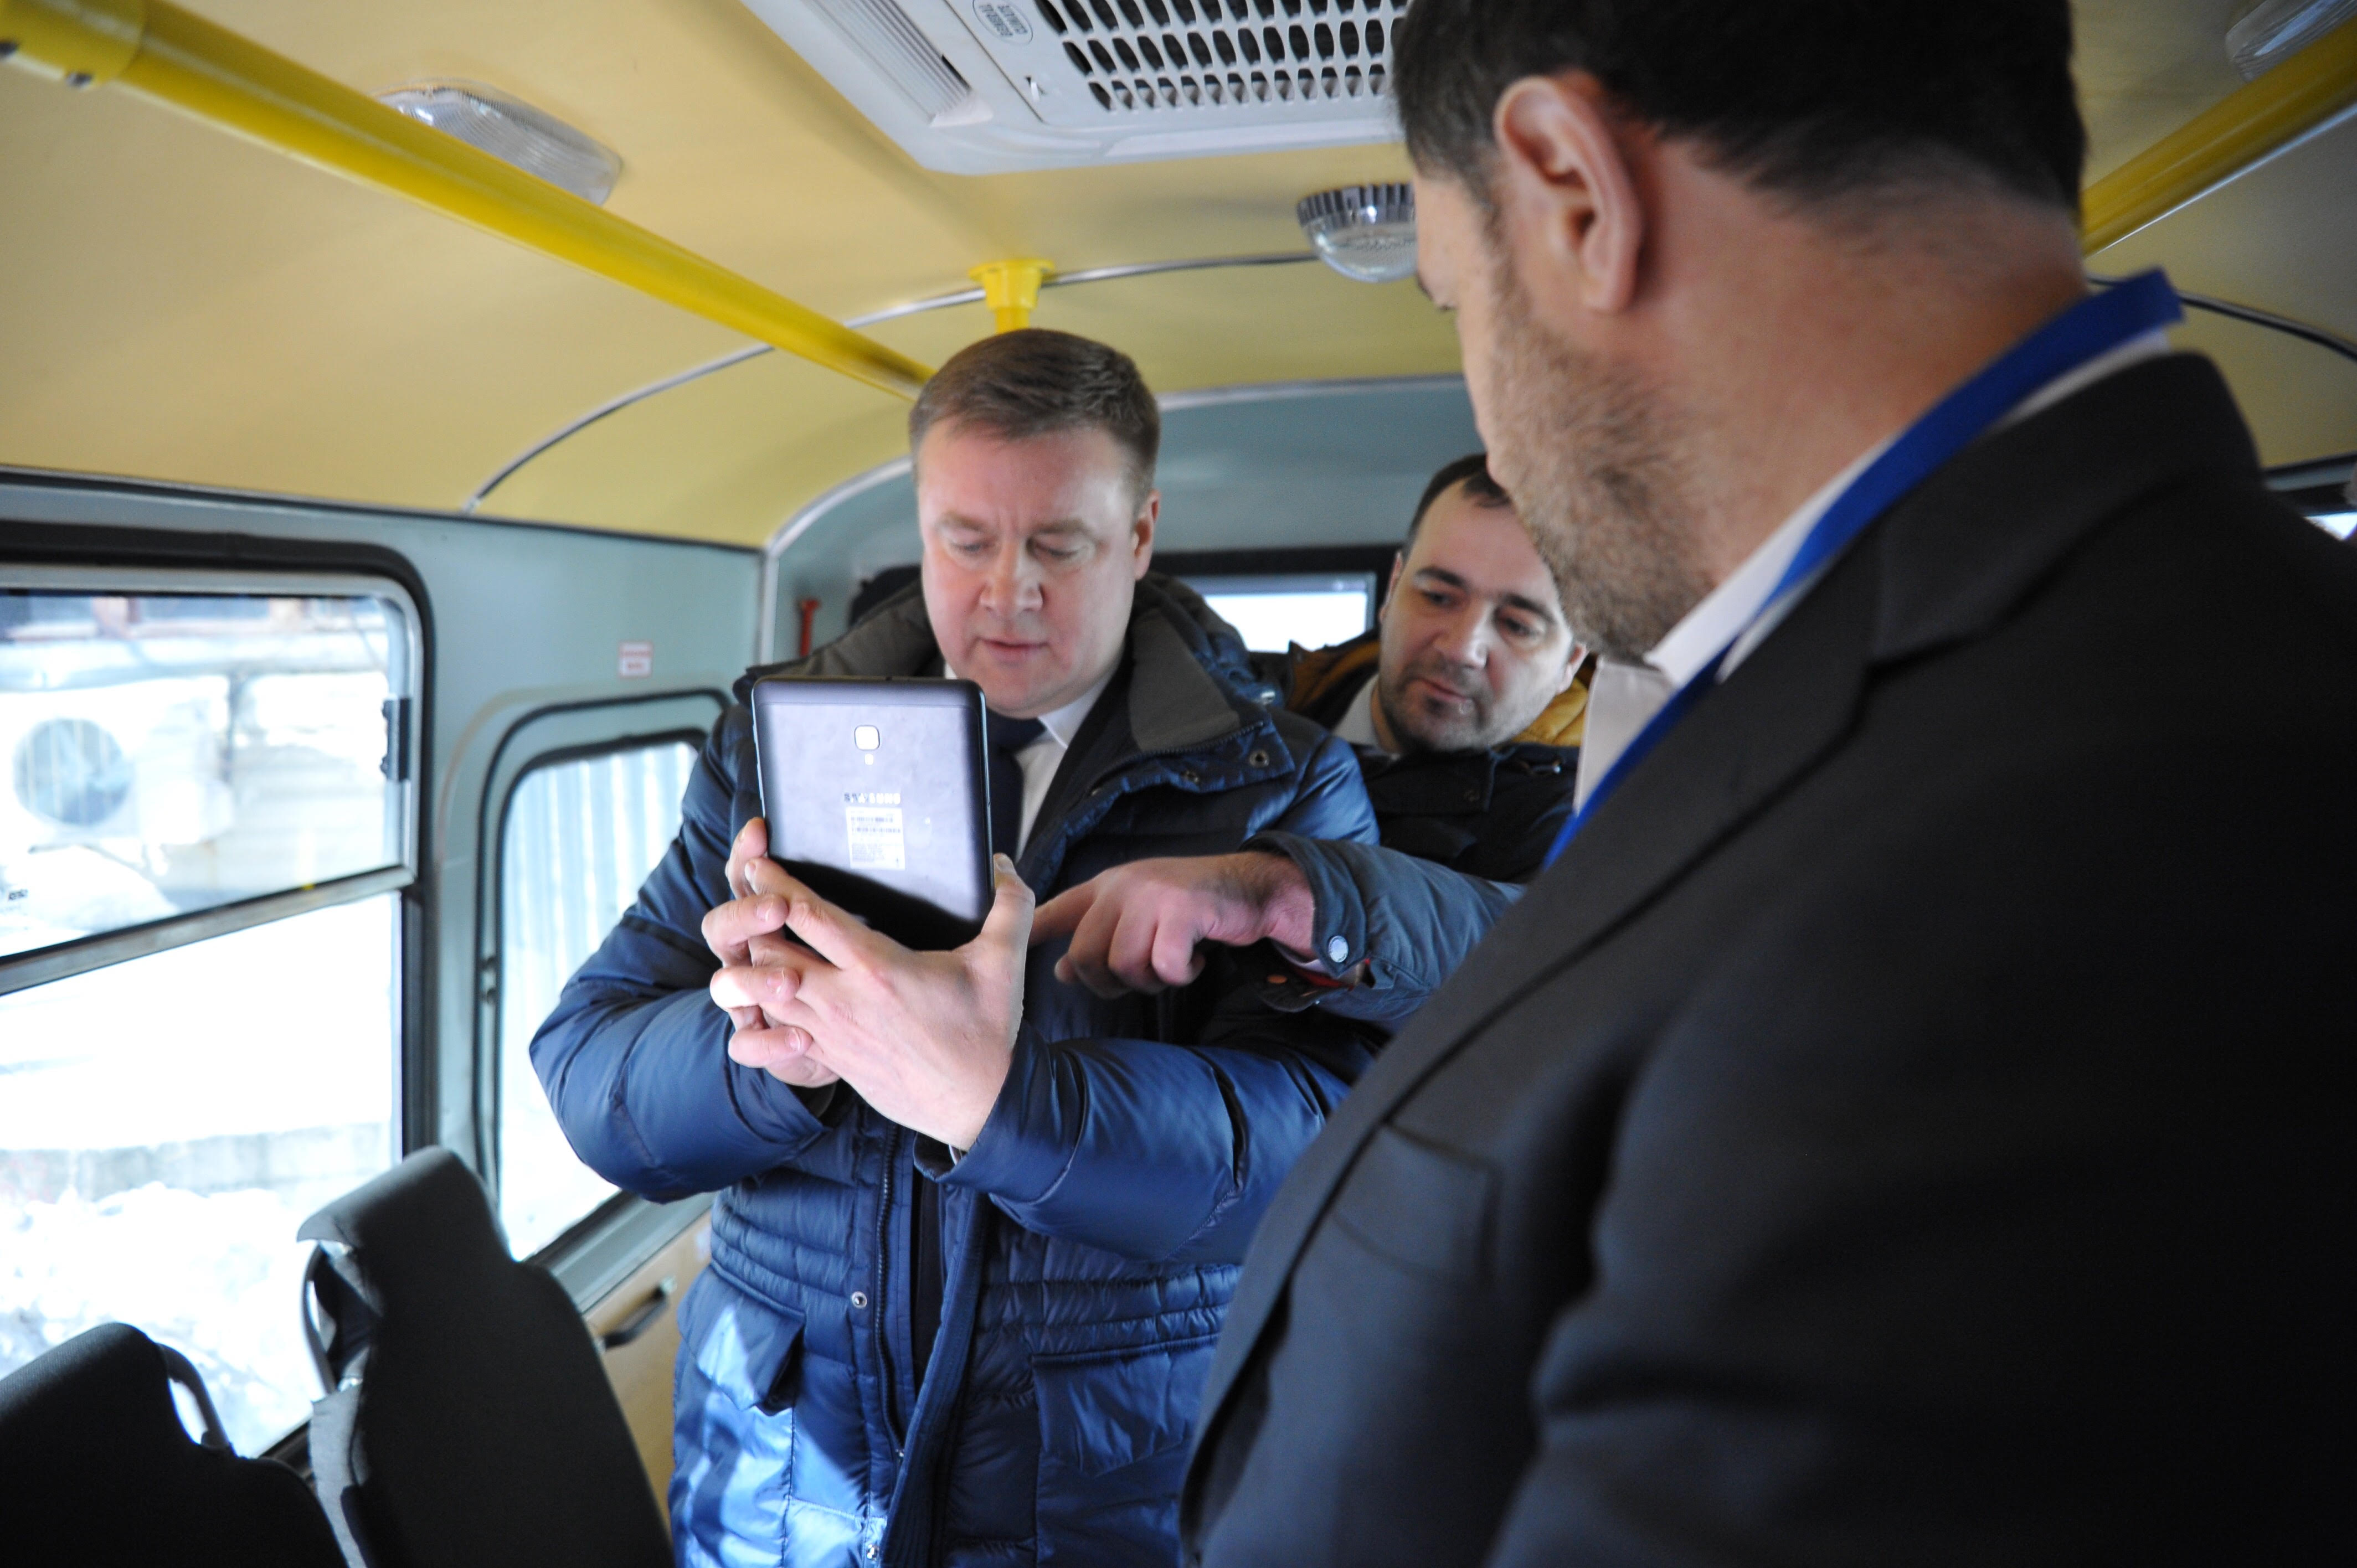 Губернатор Любимов тестирует портативное устройство для распознавания лиц / Фото: NtechLab